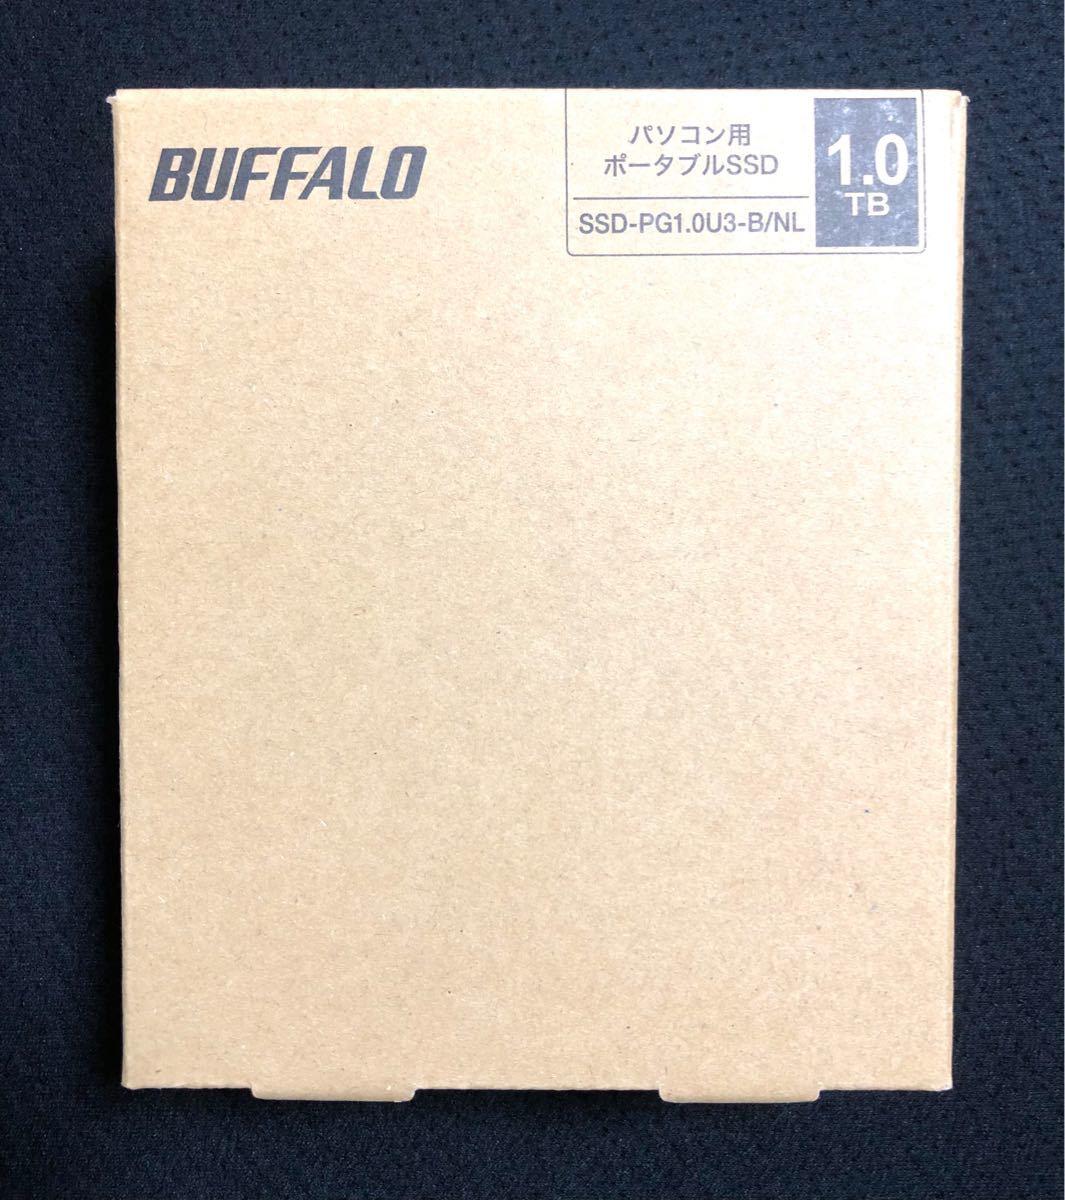 新品未開封 バッファロー ポータブルSSD 1TB SSD-PG1.0U3-B/NL [ブラック]BUFFALO